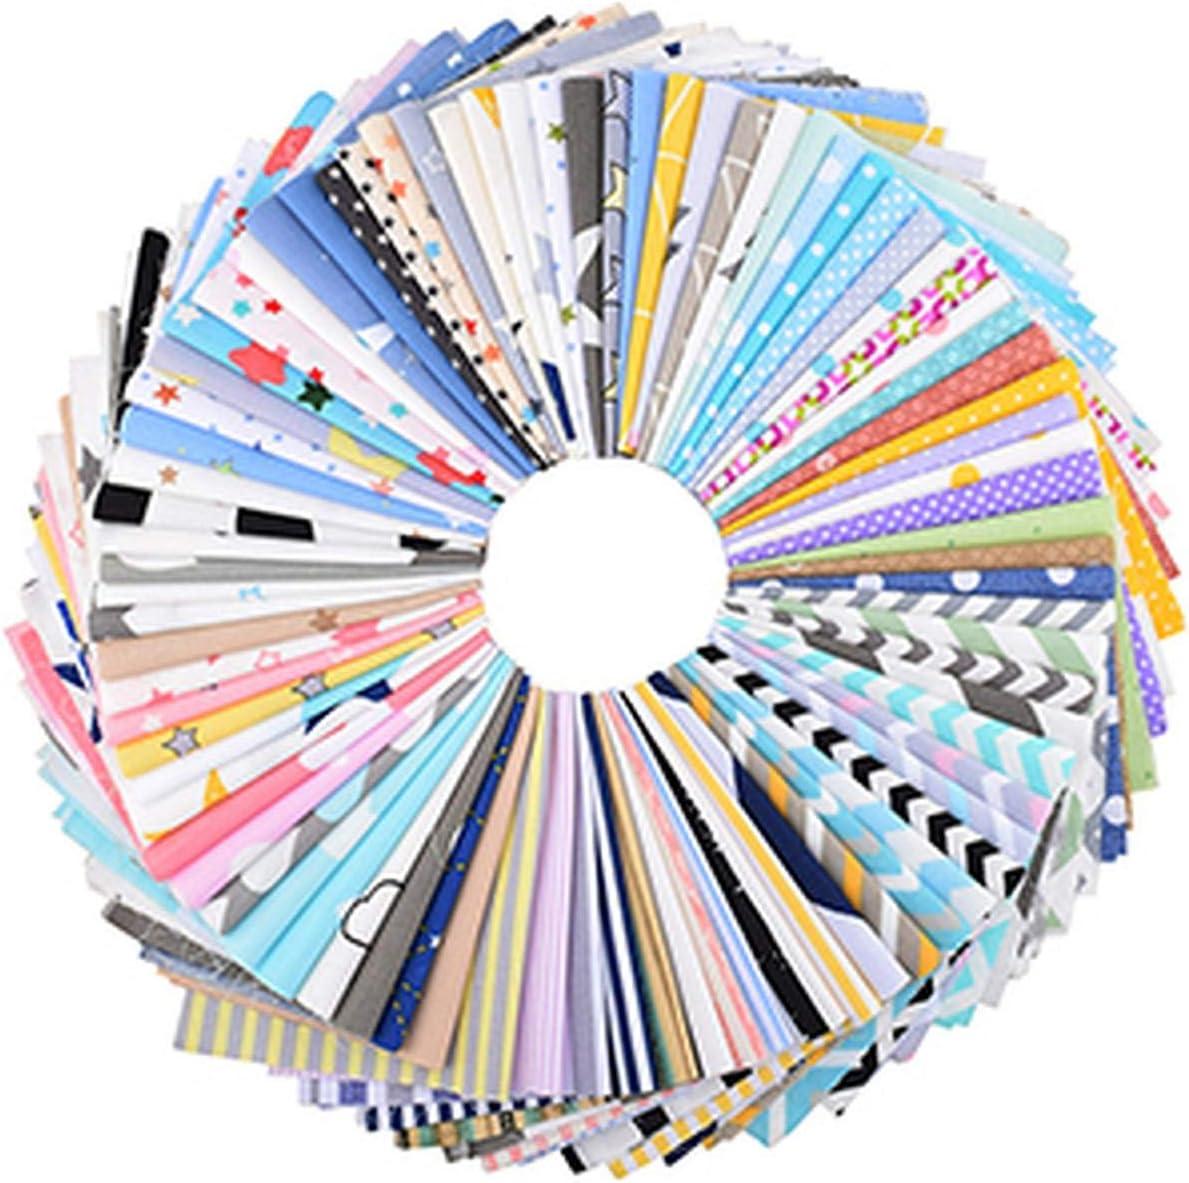 , Patchwork floral aleatorio, geometría y tela de algodón de sarga de dibujos animados, para acolchado y costura de bricolaje, material de cuartos gordos, geometría 20x25cm-B 20cmx25cm-20pcs una bolsa